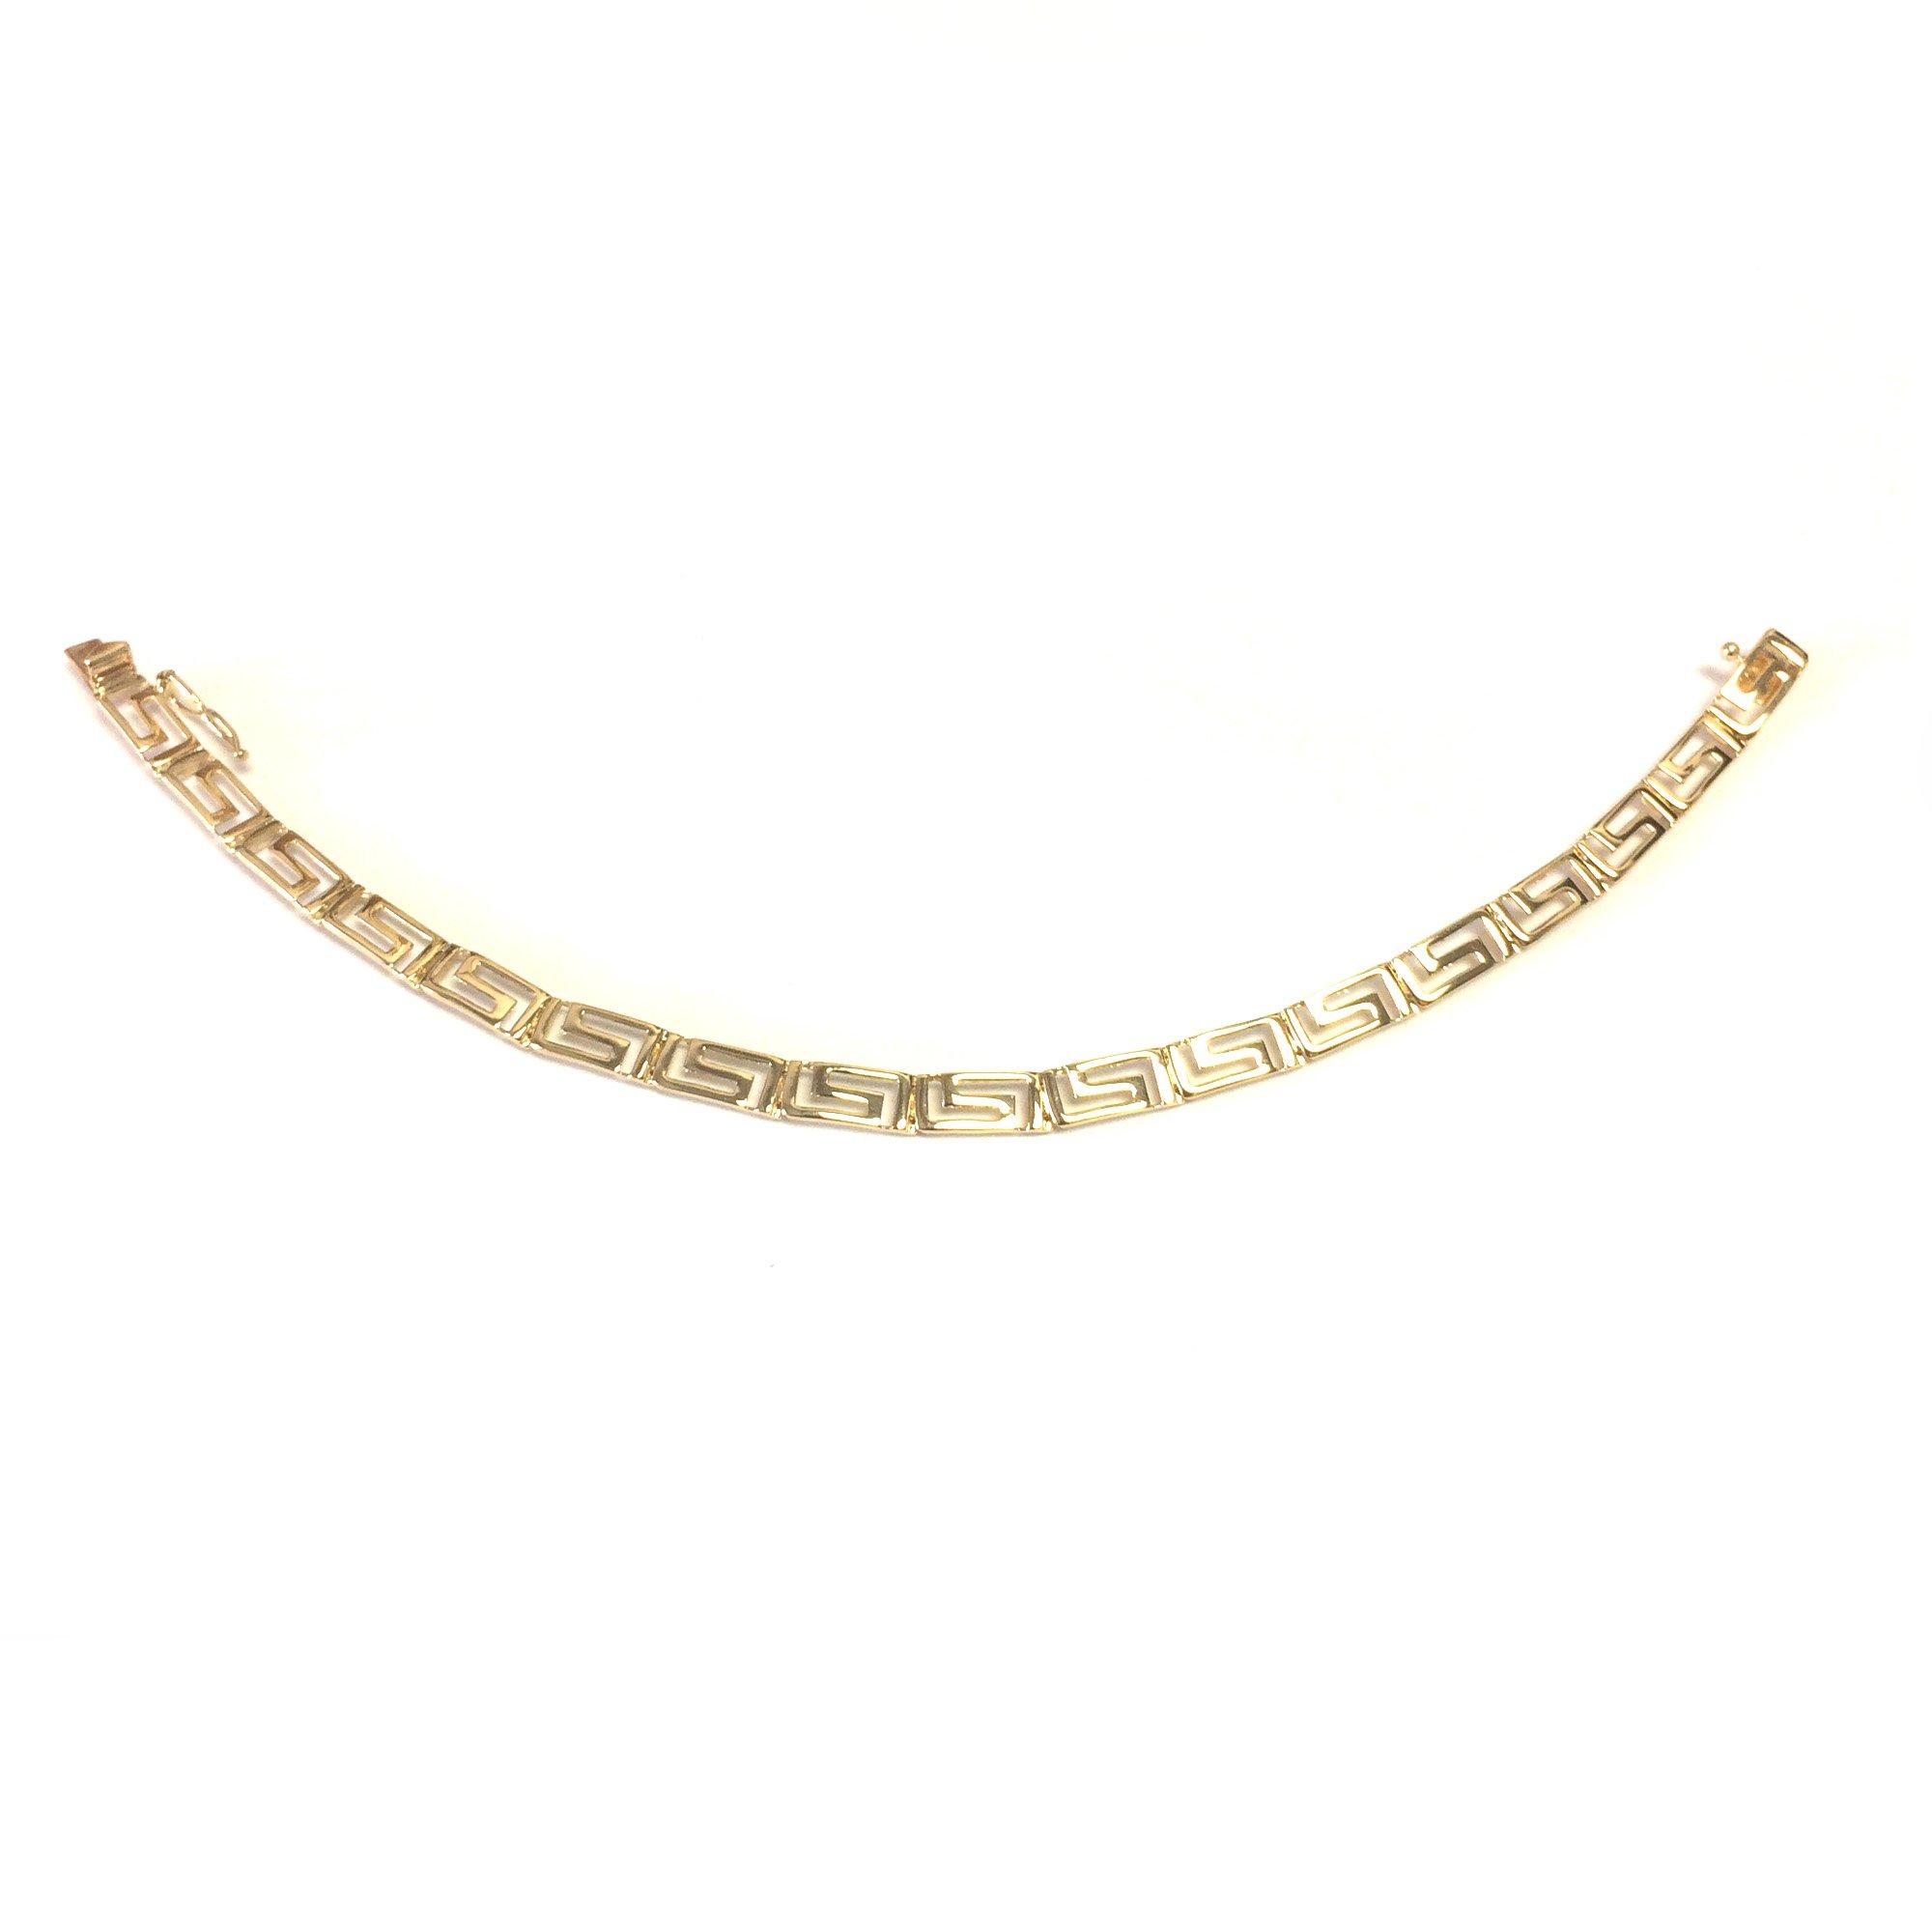 14k Yellow Gold Greek Key Link Bracelet, 7.25'' by Jewelry Affairs